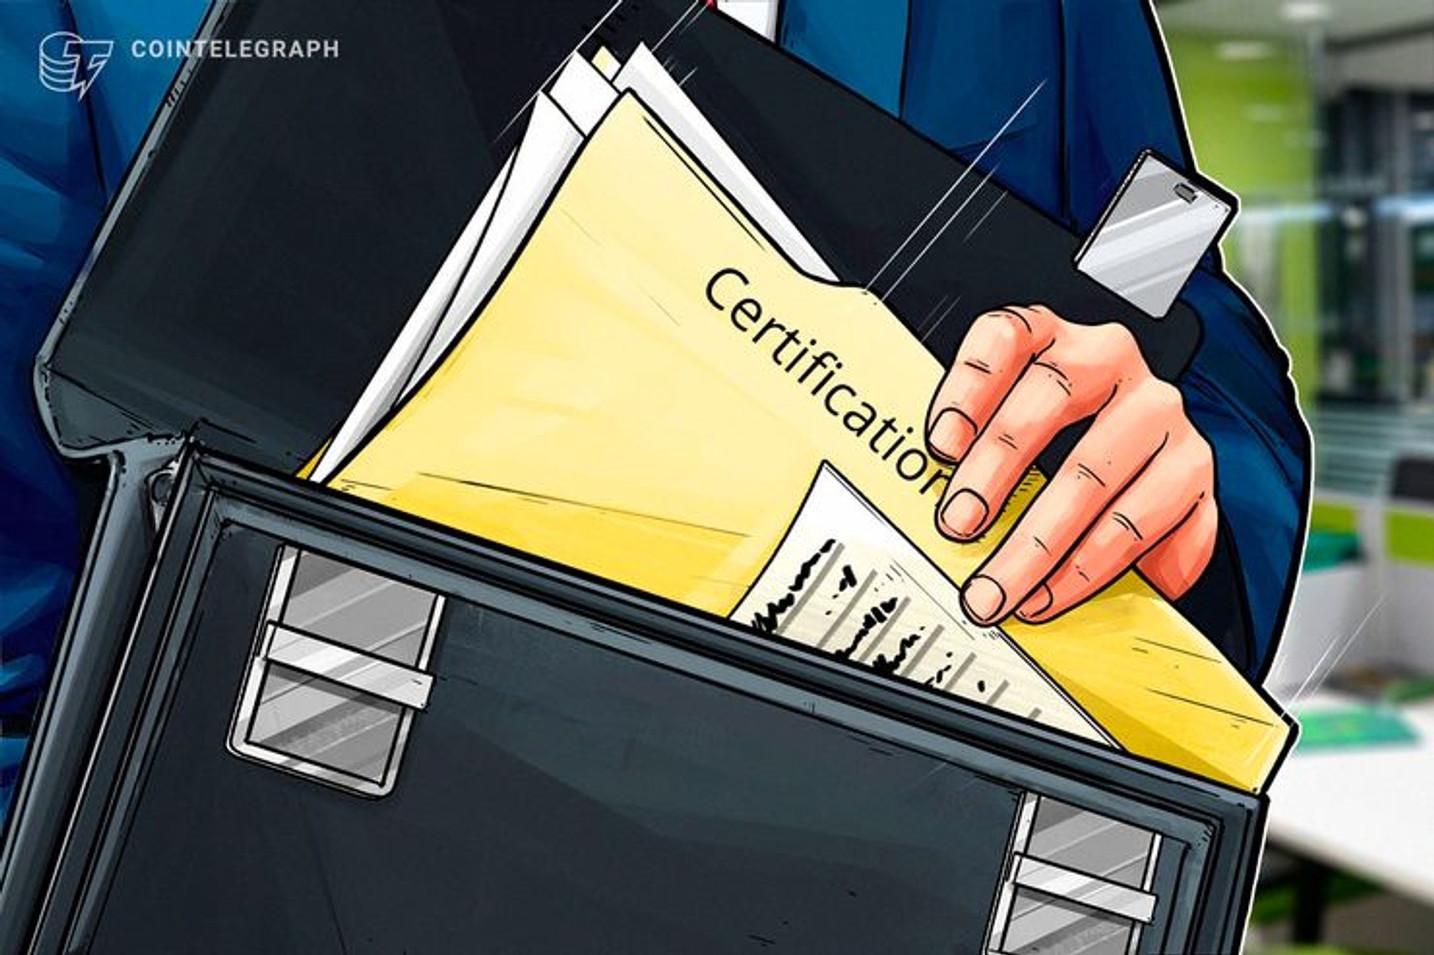 Empresa española TK Analytics obtiene certificación de calidad vinculada a ciberseguridad en blockchain